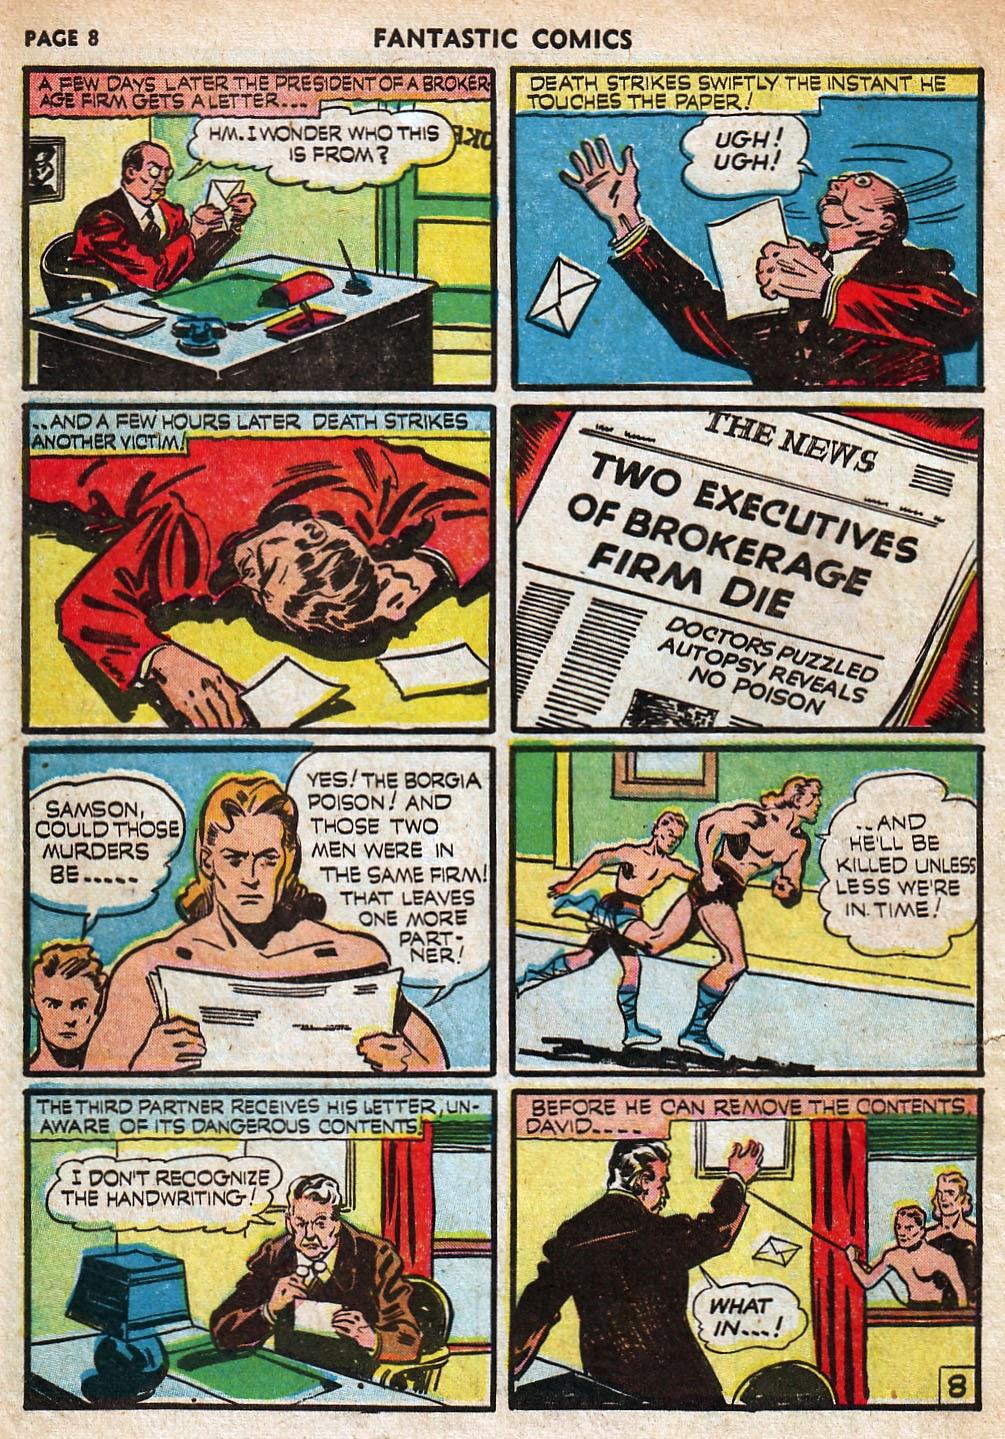 Read online Fantastic Comics comic -  Issue #18 - 10